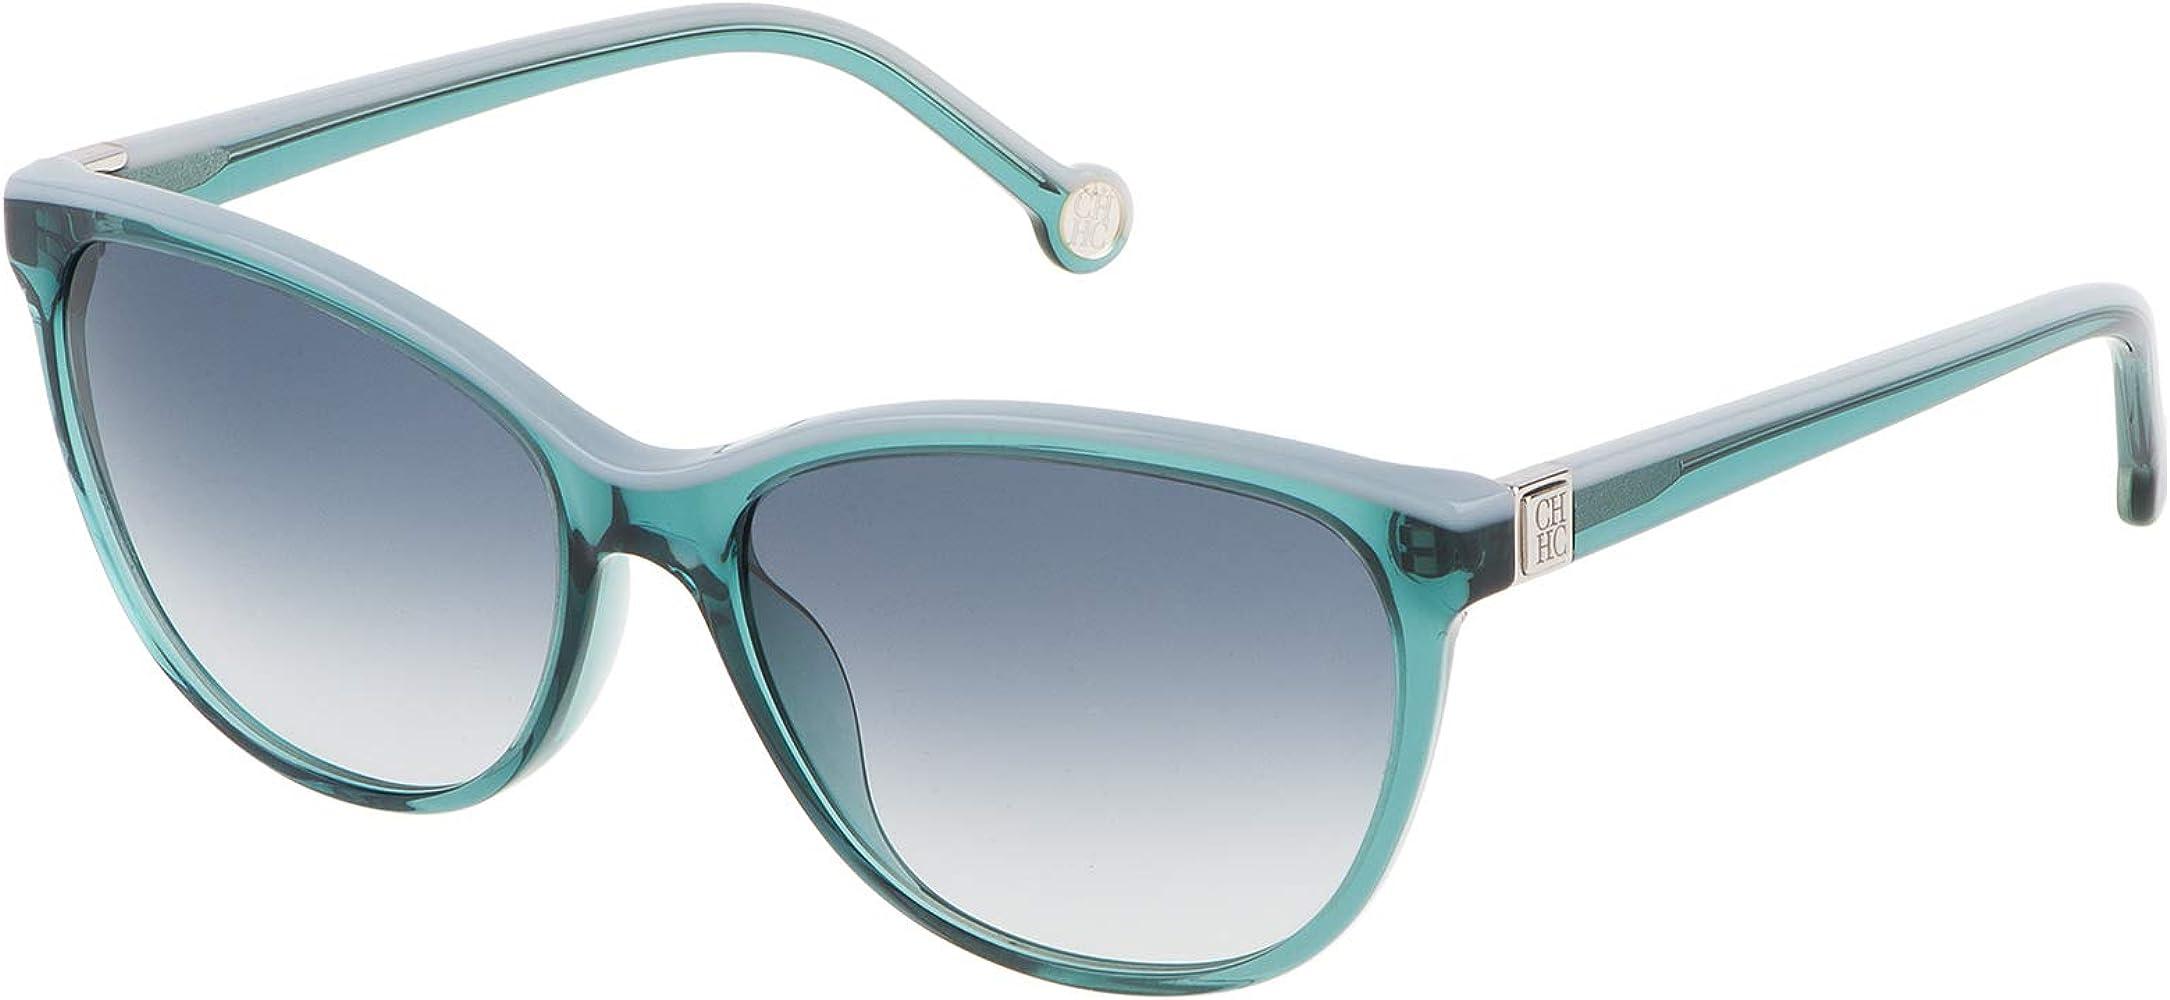 Carolina Herrera SHE653550874 Gafas de sol, Verde, 55 para Mujer: Amazon.es: Ropa y accesorios